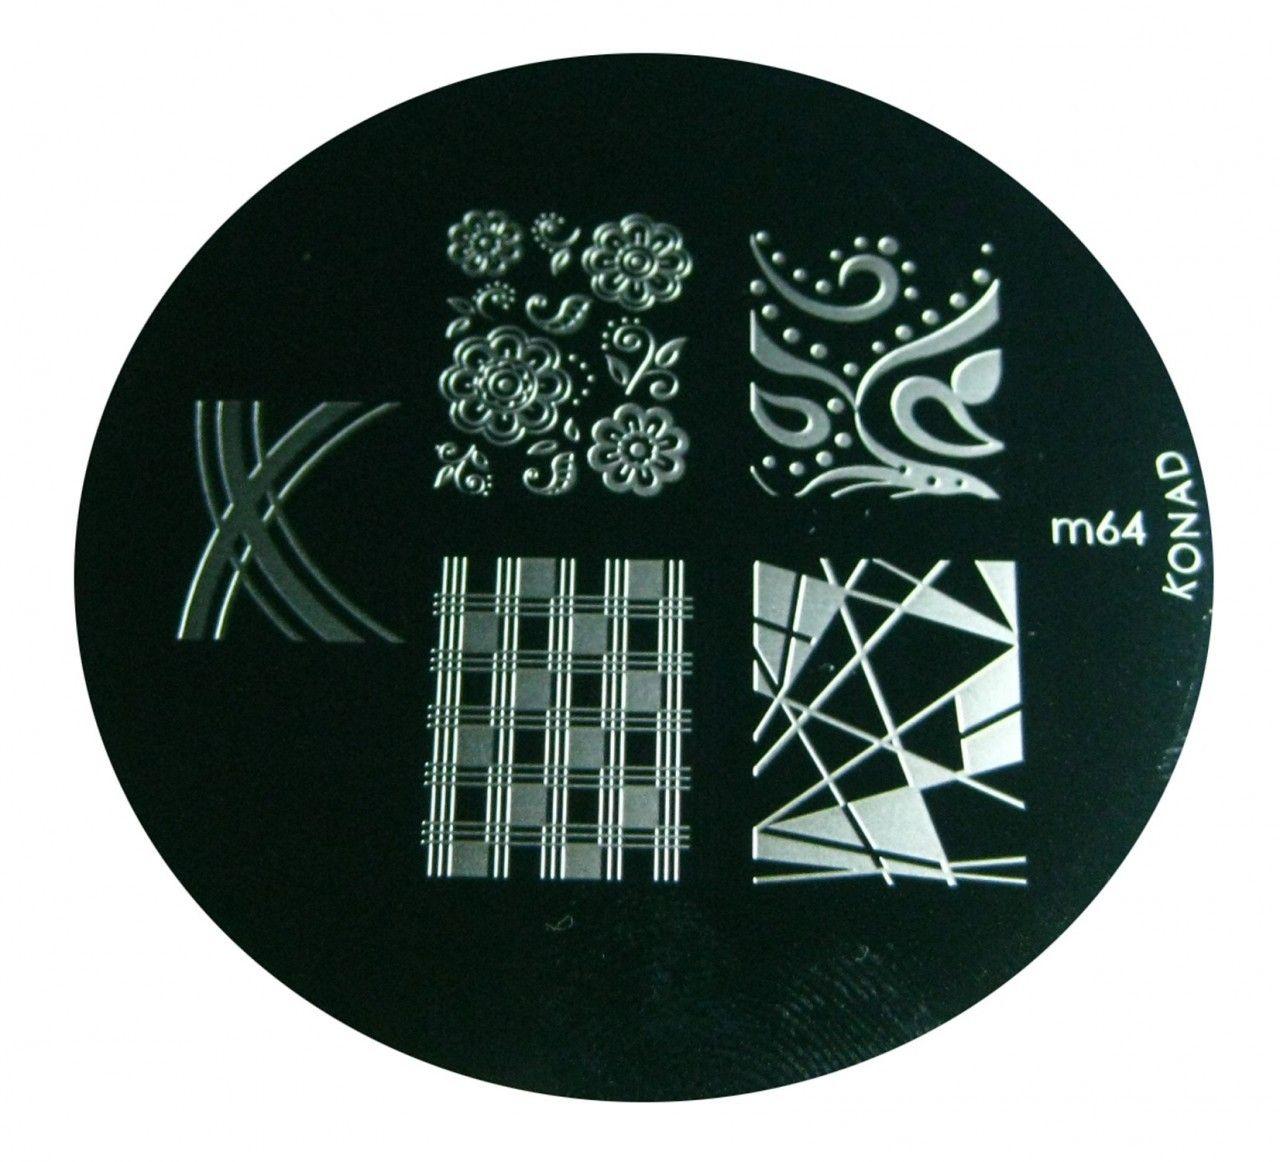 Image Plate #M64 by Konad Stamping Nail Art | Nail Polish Canada - Free Shipping